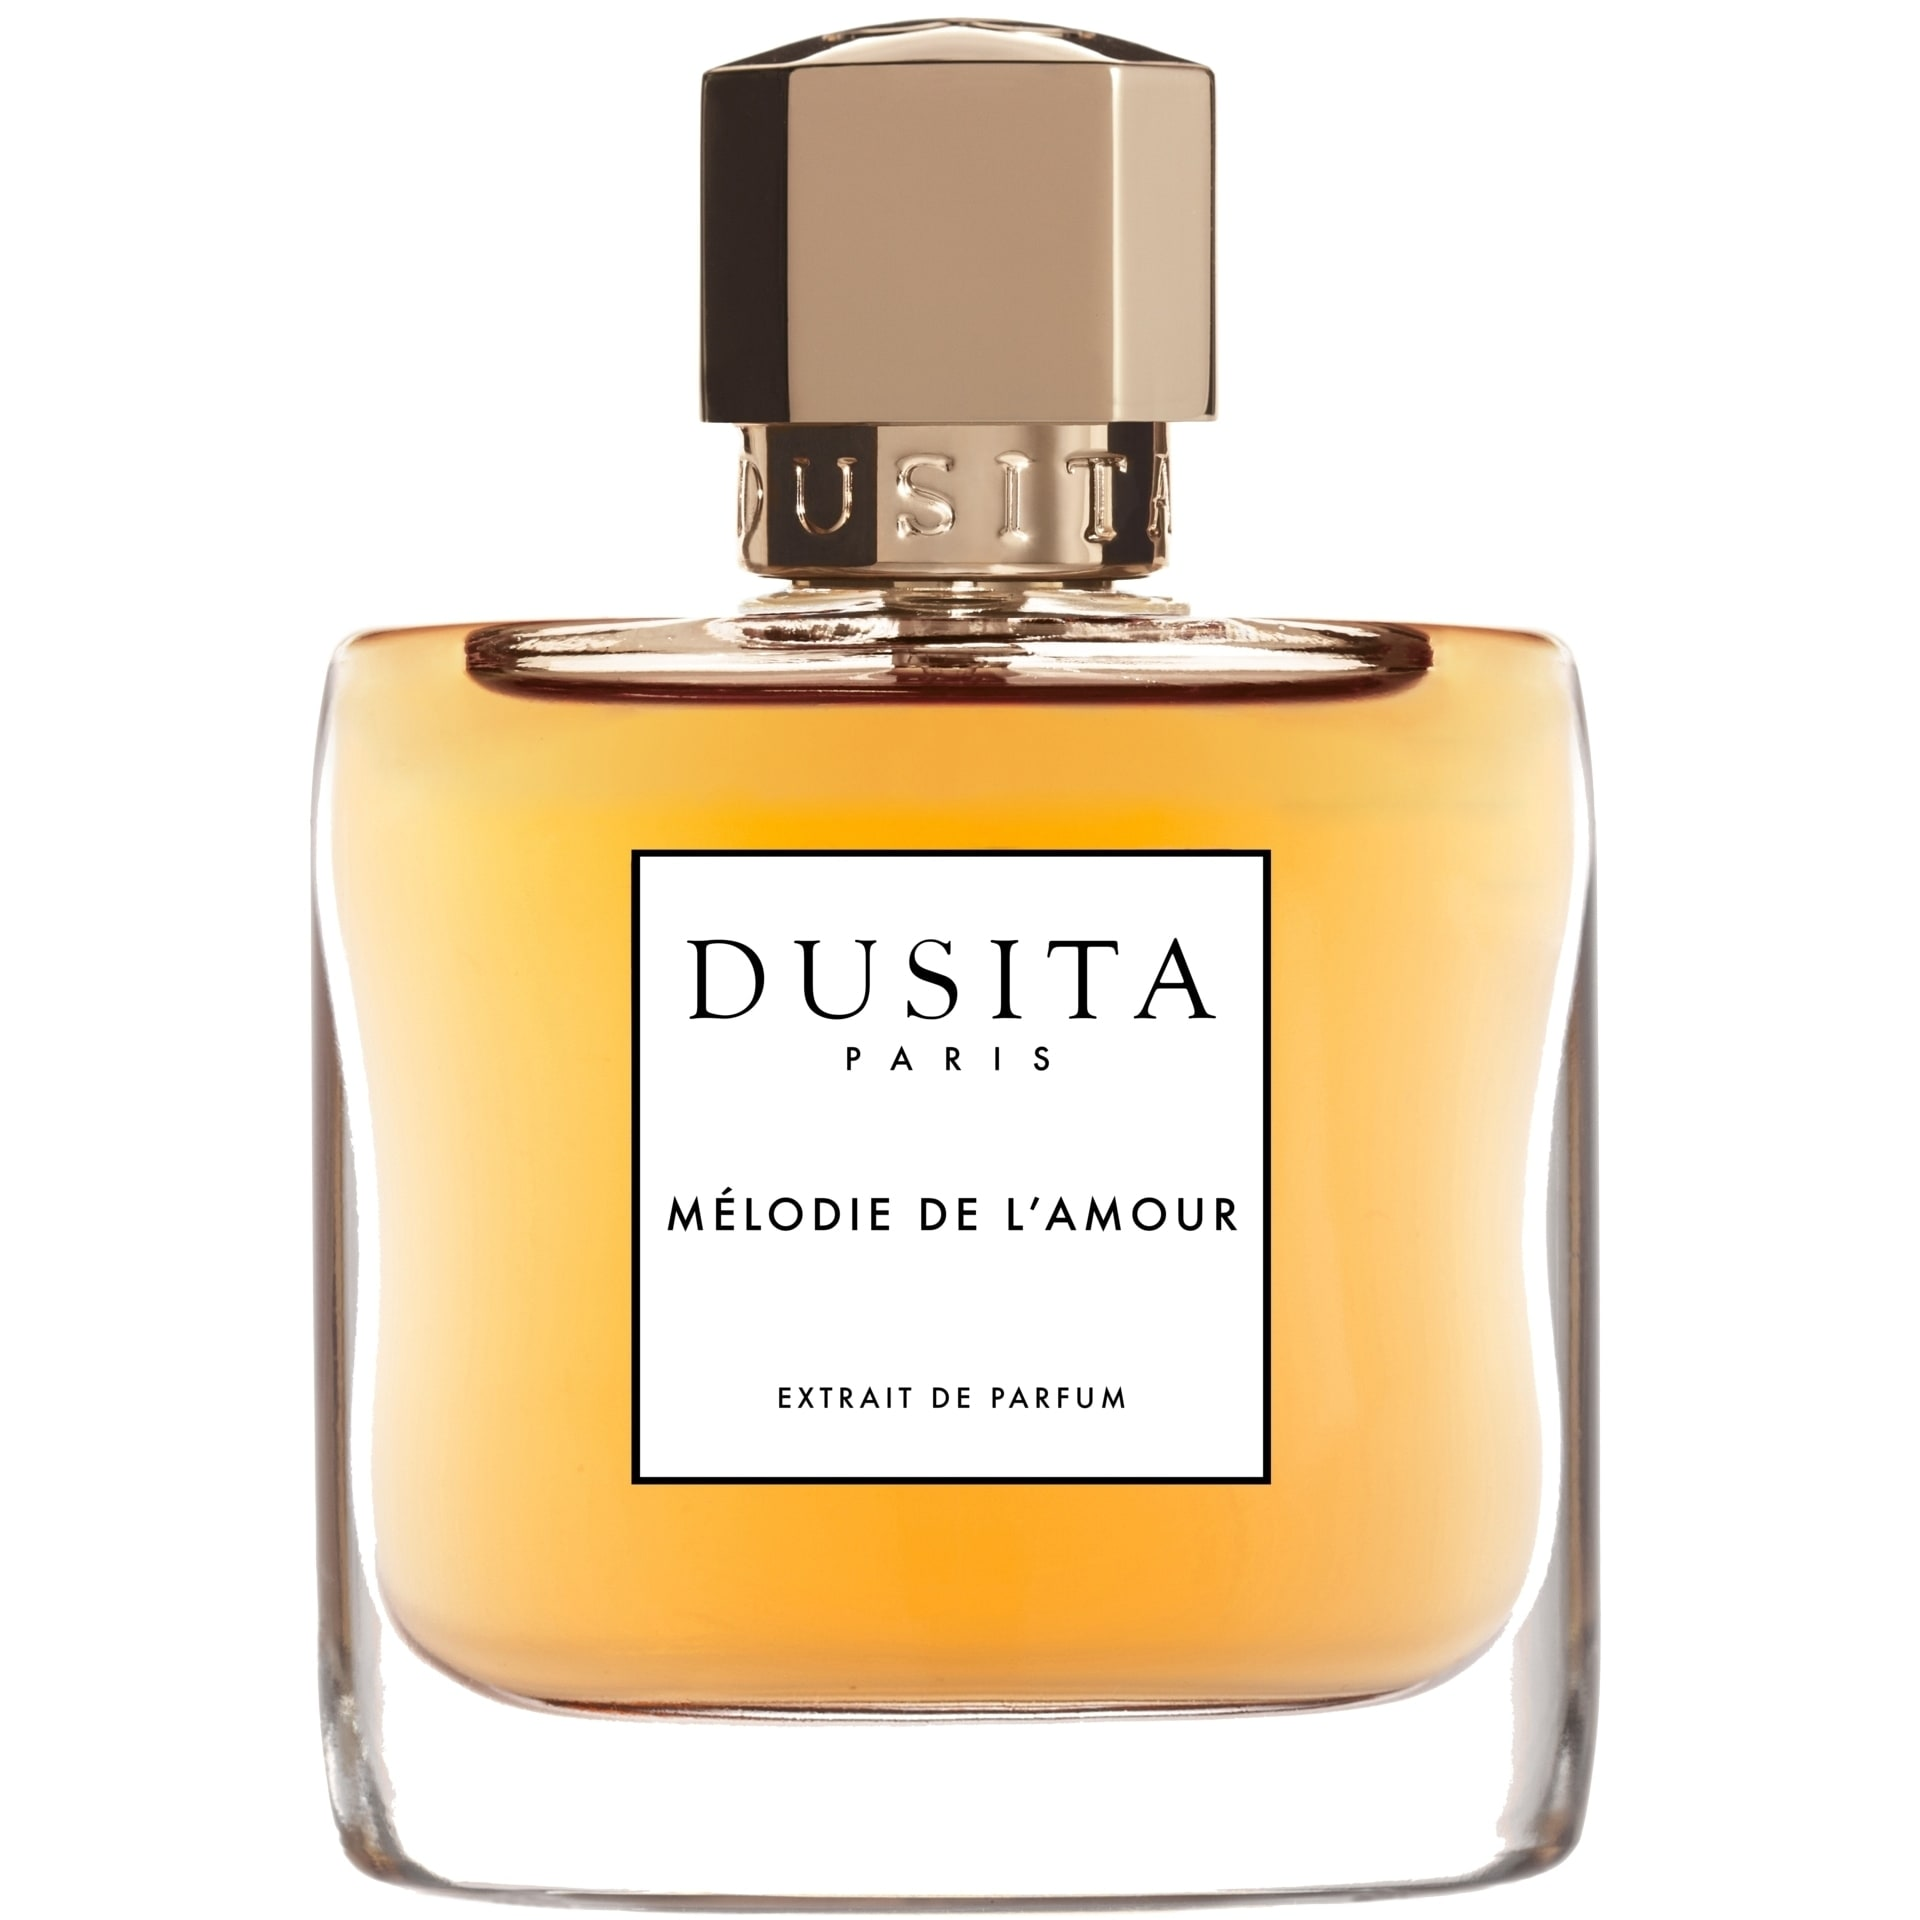 perfume-dusita-melodie-de-l-amour